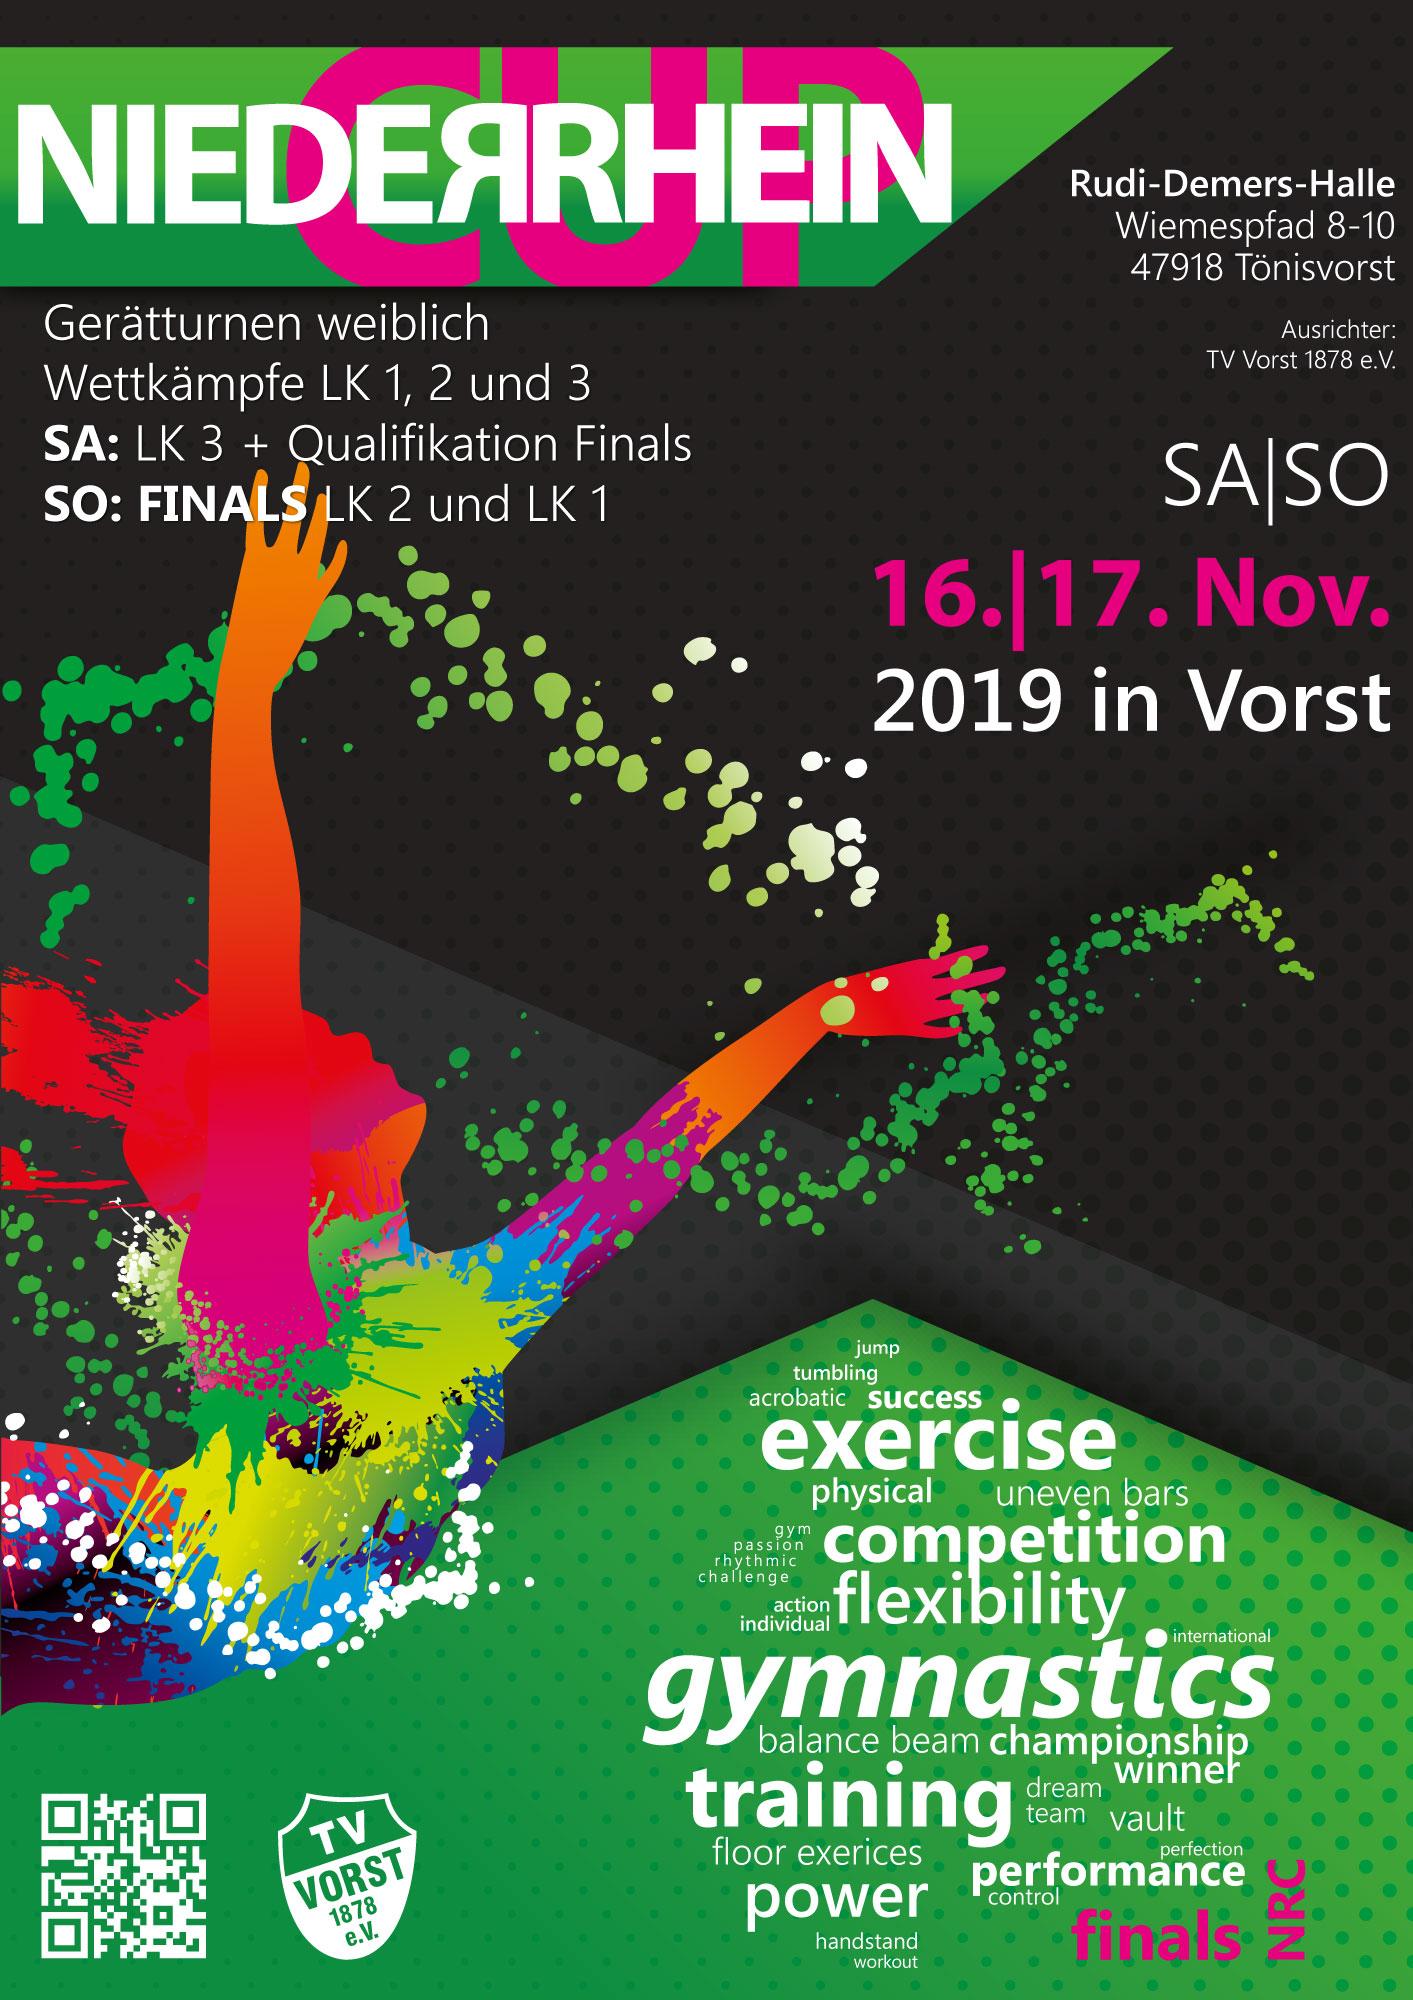 Niederrhein-Cup 2019 / SA und SO 16. /17.11.2019